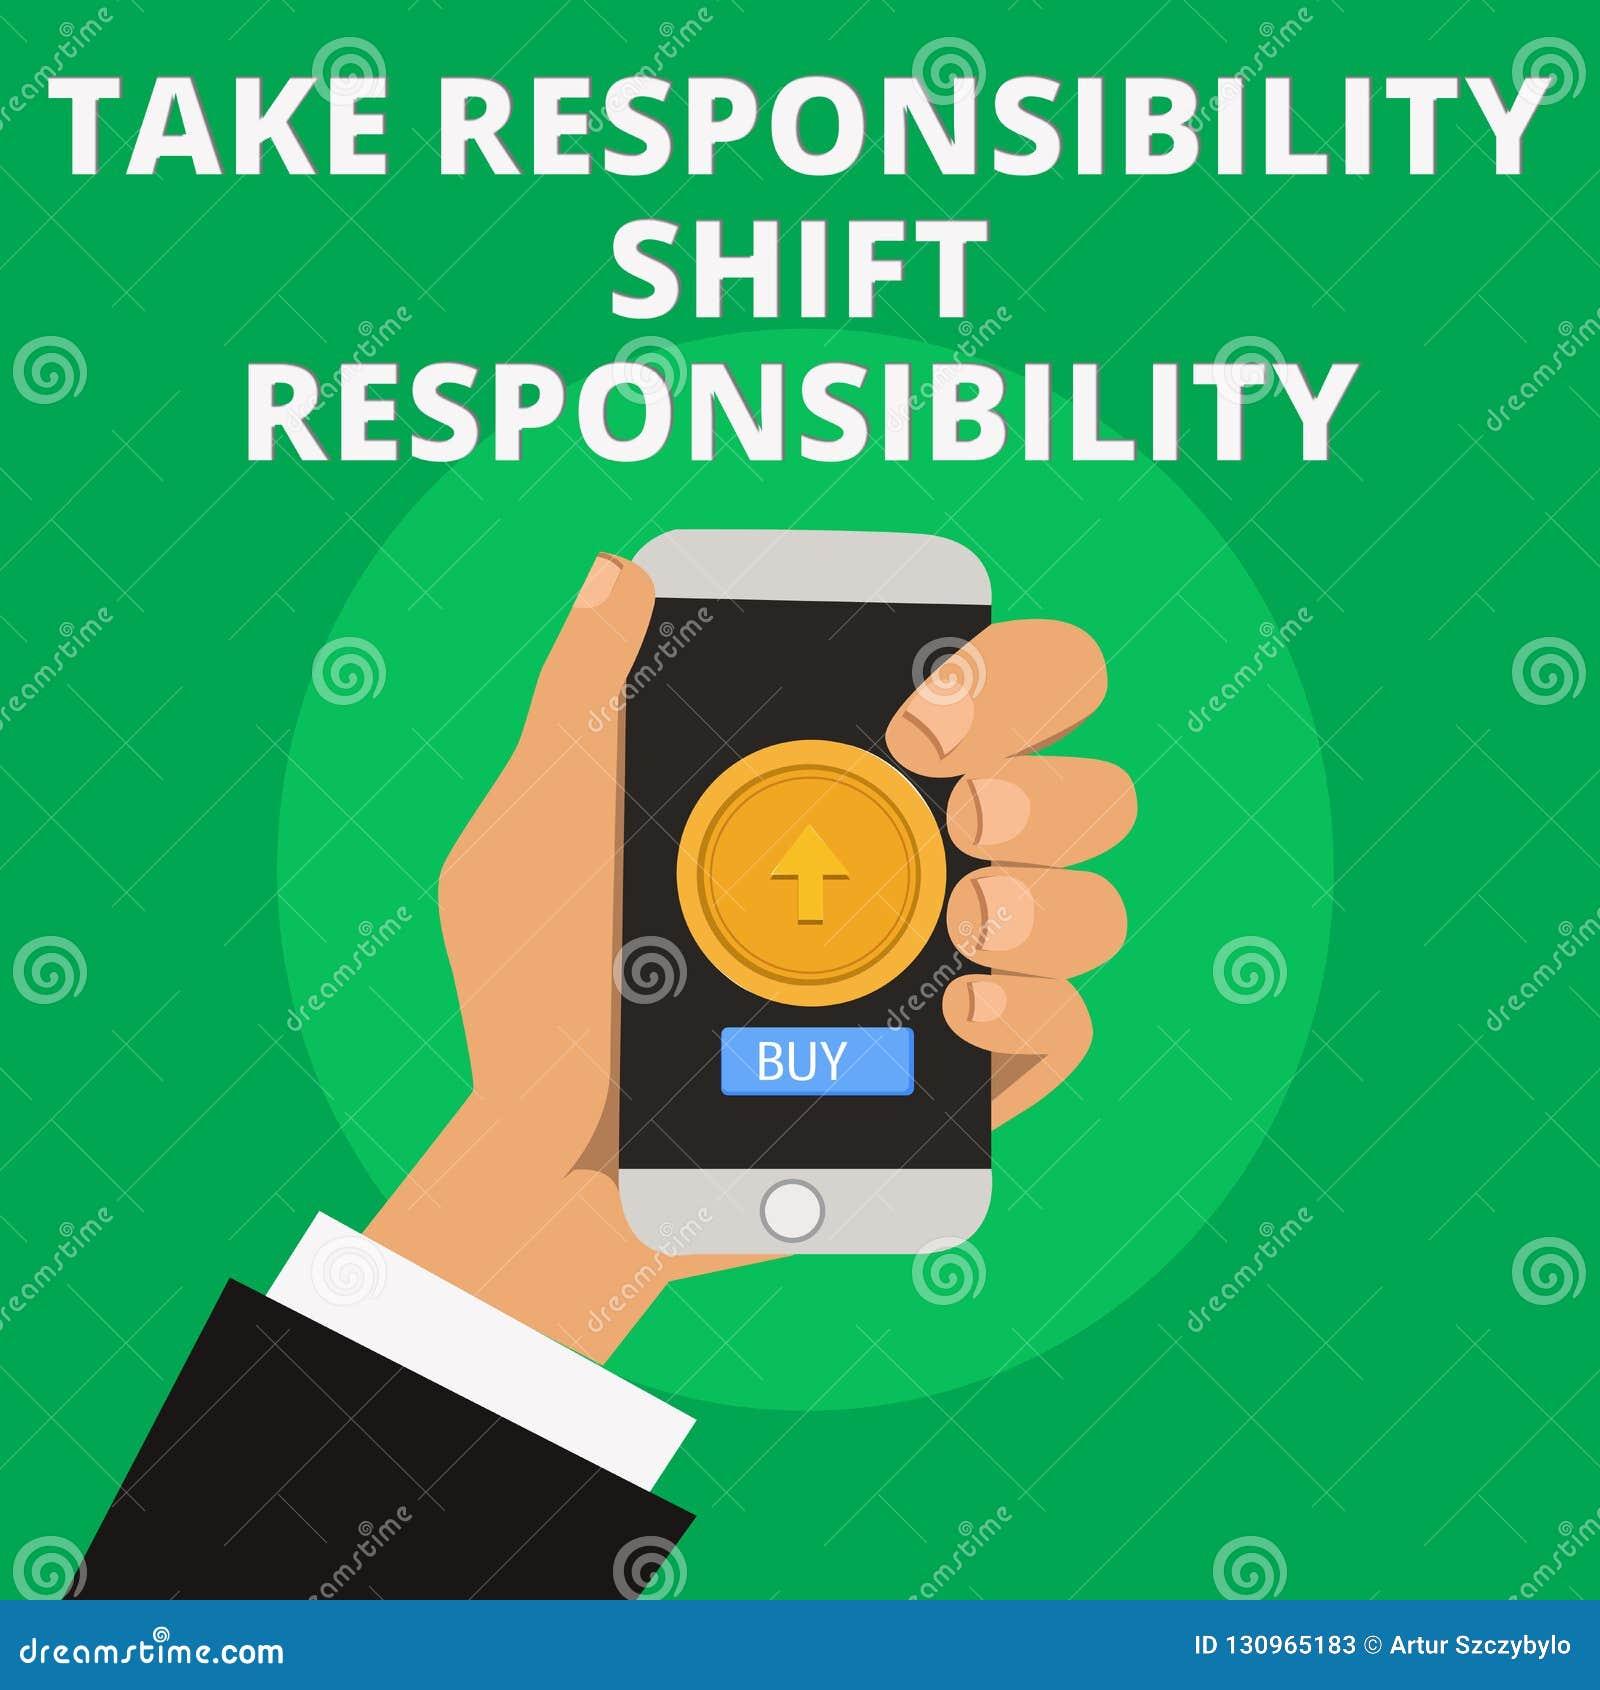 概念性手文字陈列承担责任转移责任 企业照片文本成熟采取